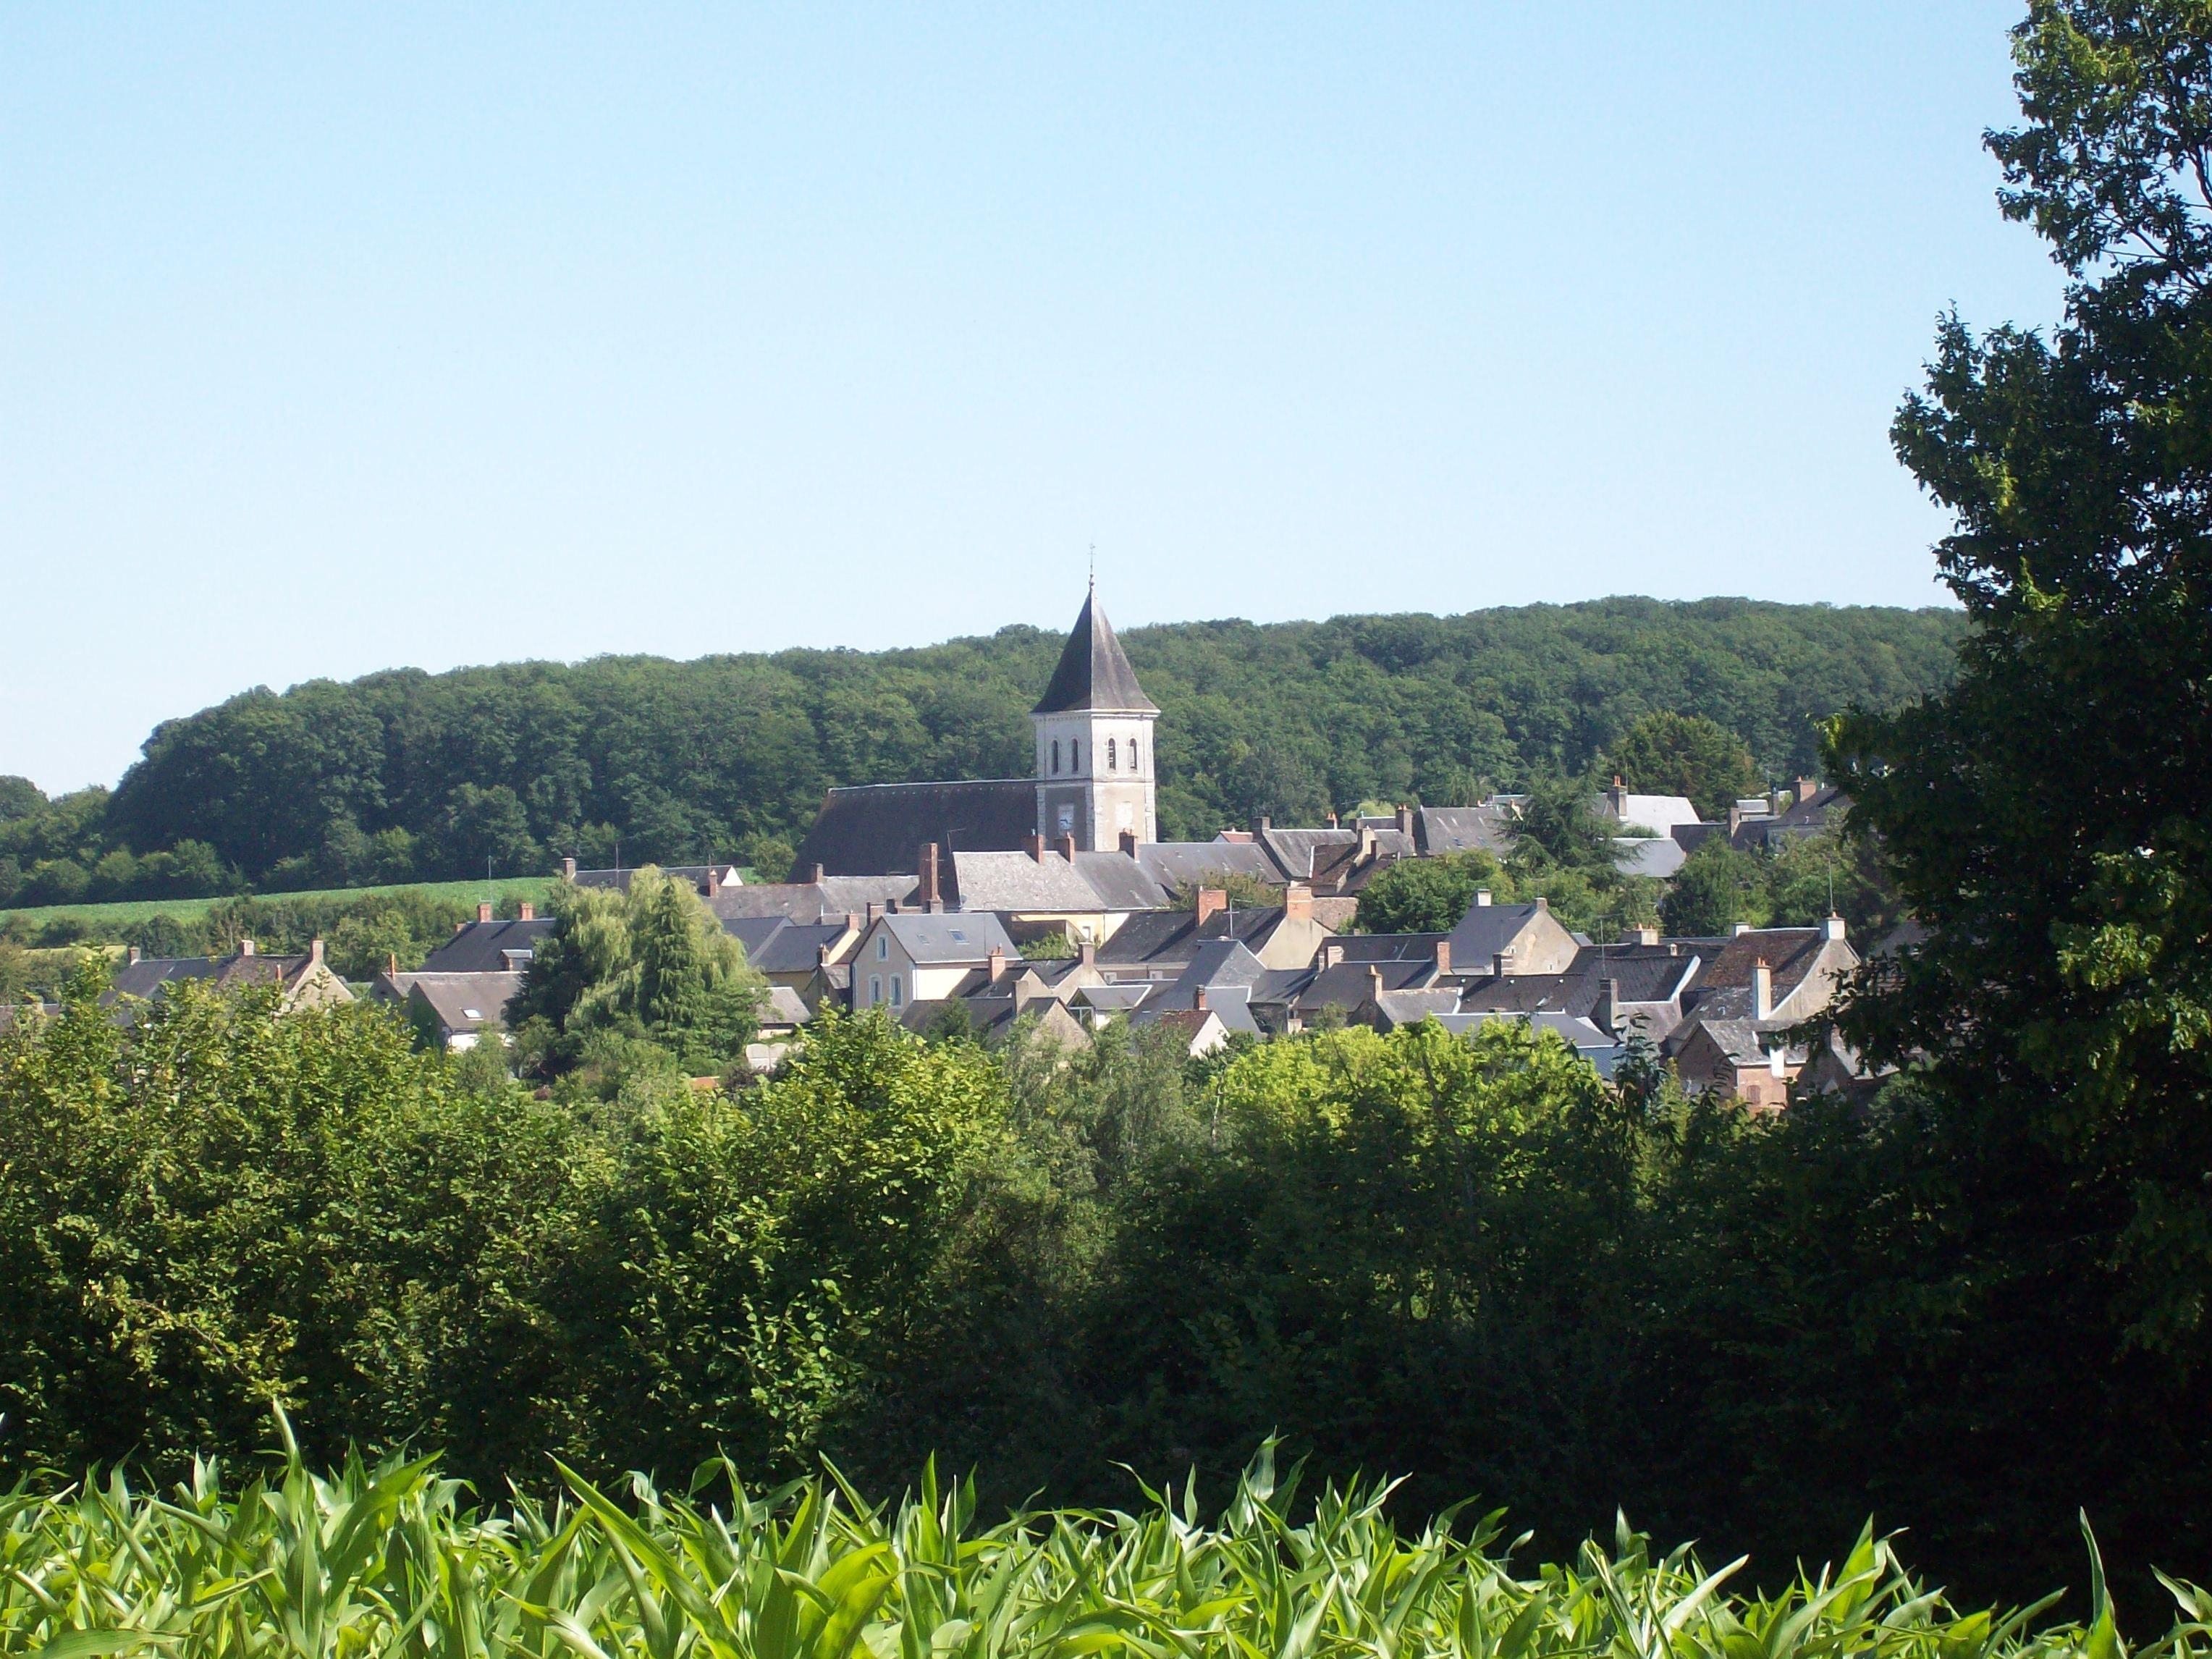 Le village de Pruillé l'Eguillé, dans la Sarthe.